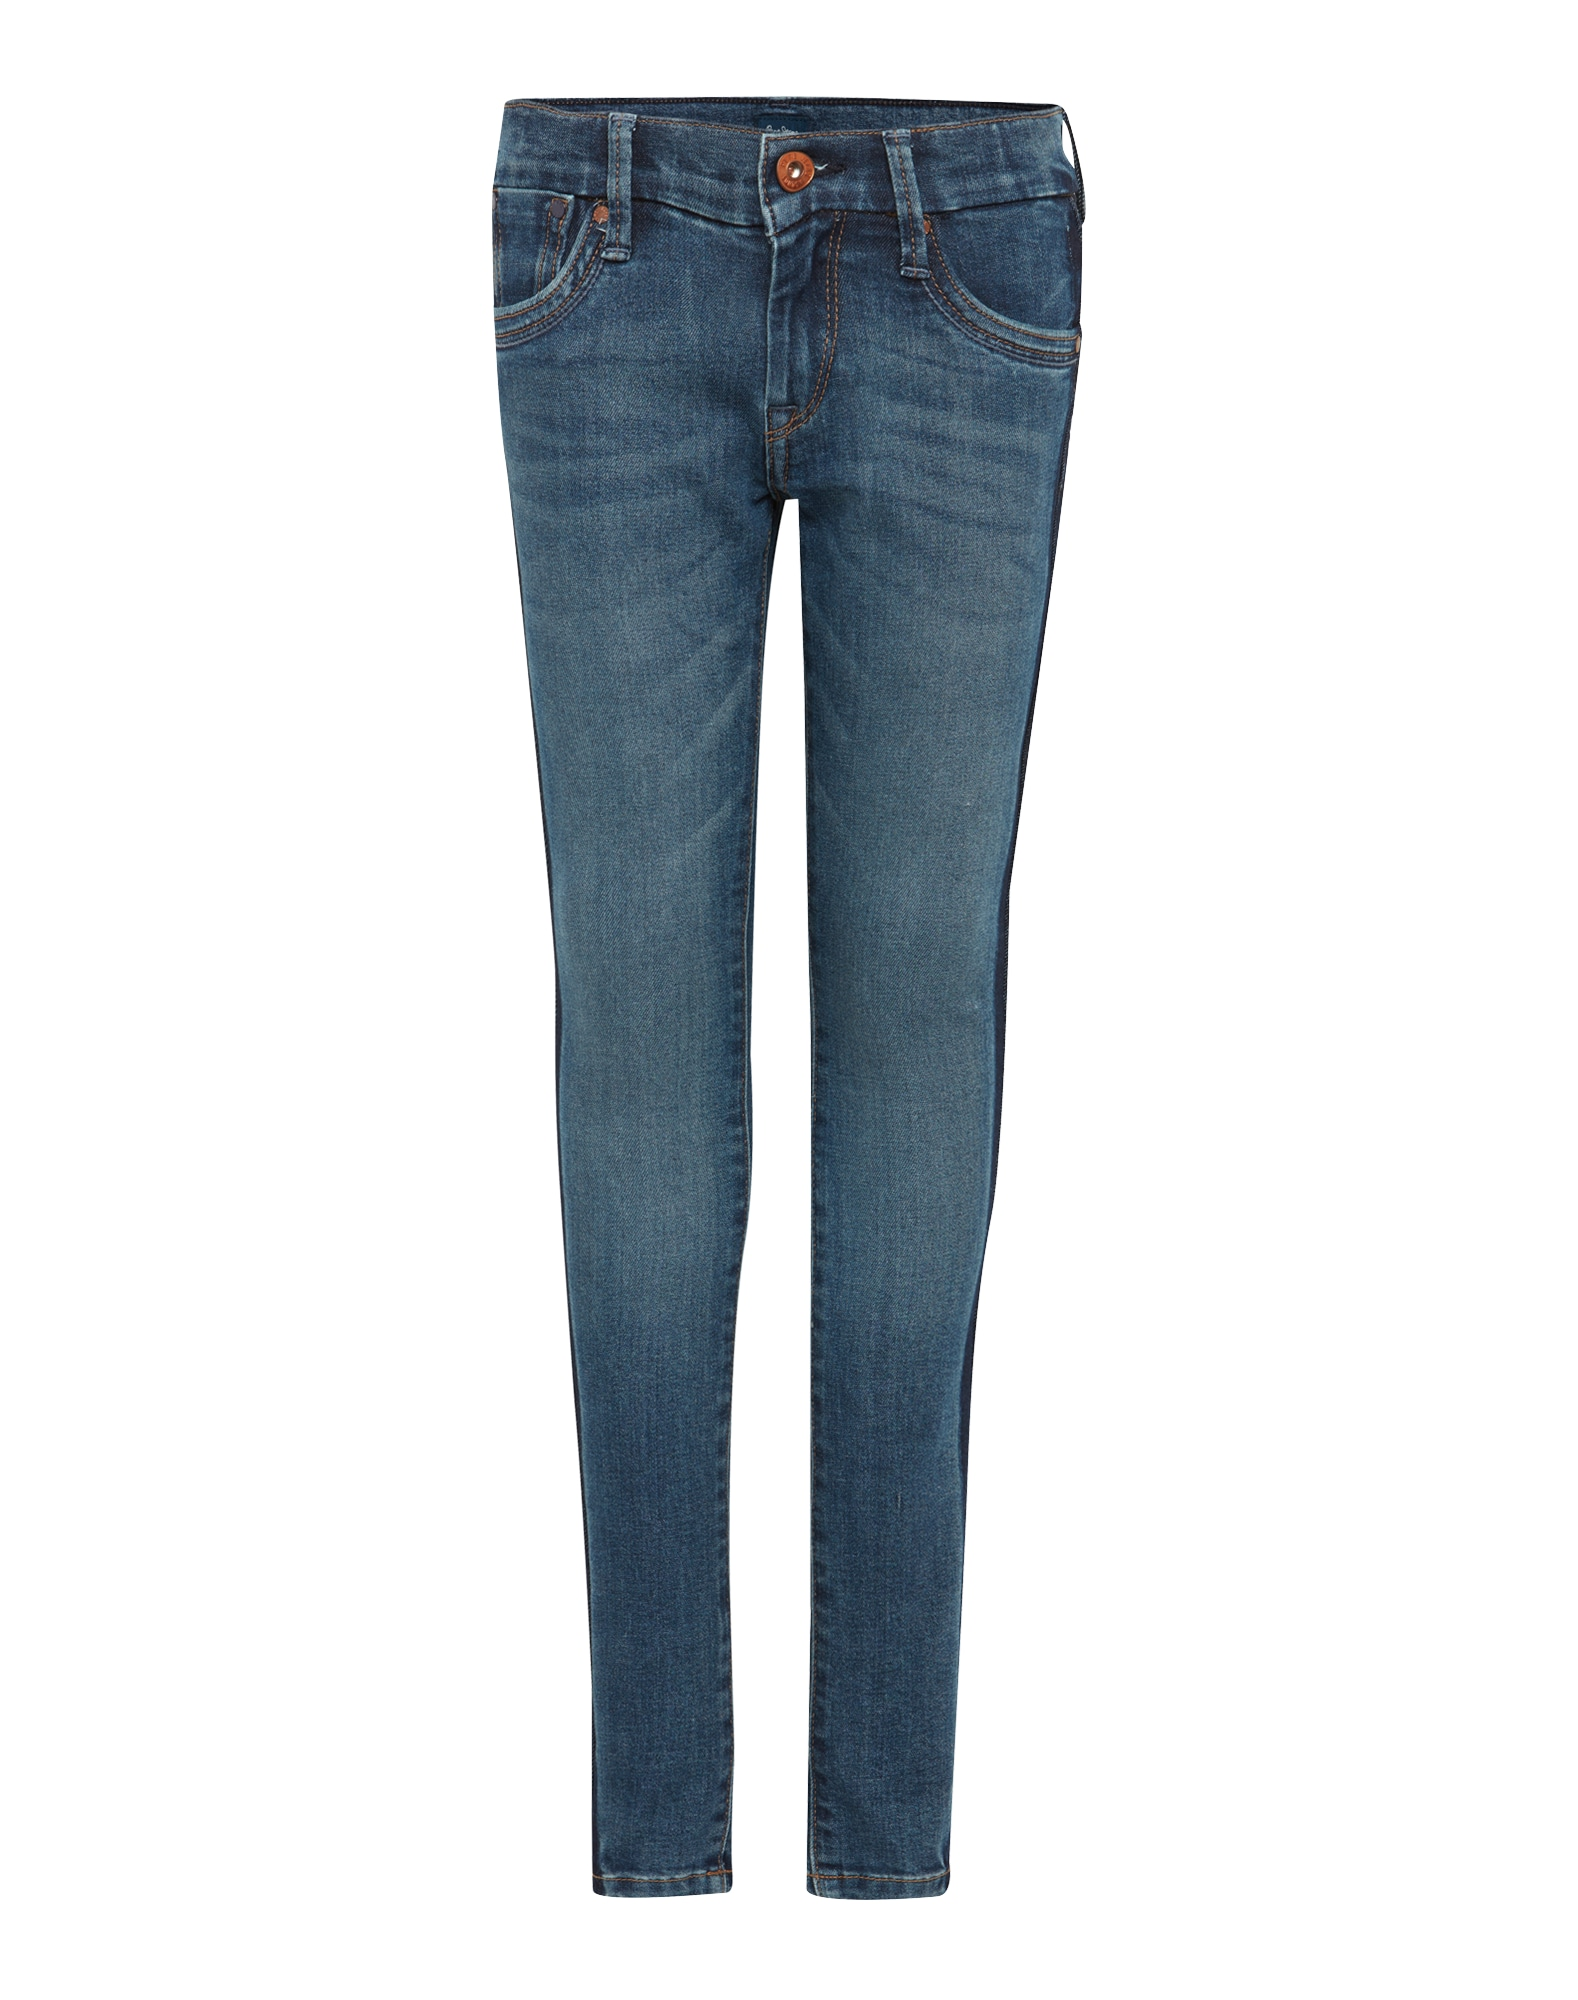 Pepe Jeans Meisjes Jeans PIXLETTE SHADOW blue denim